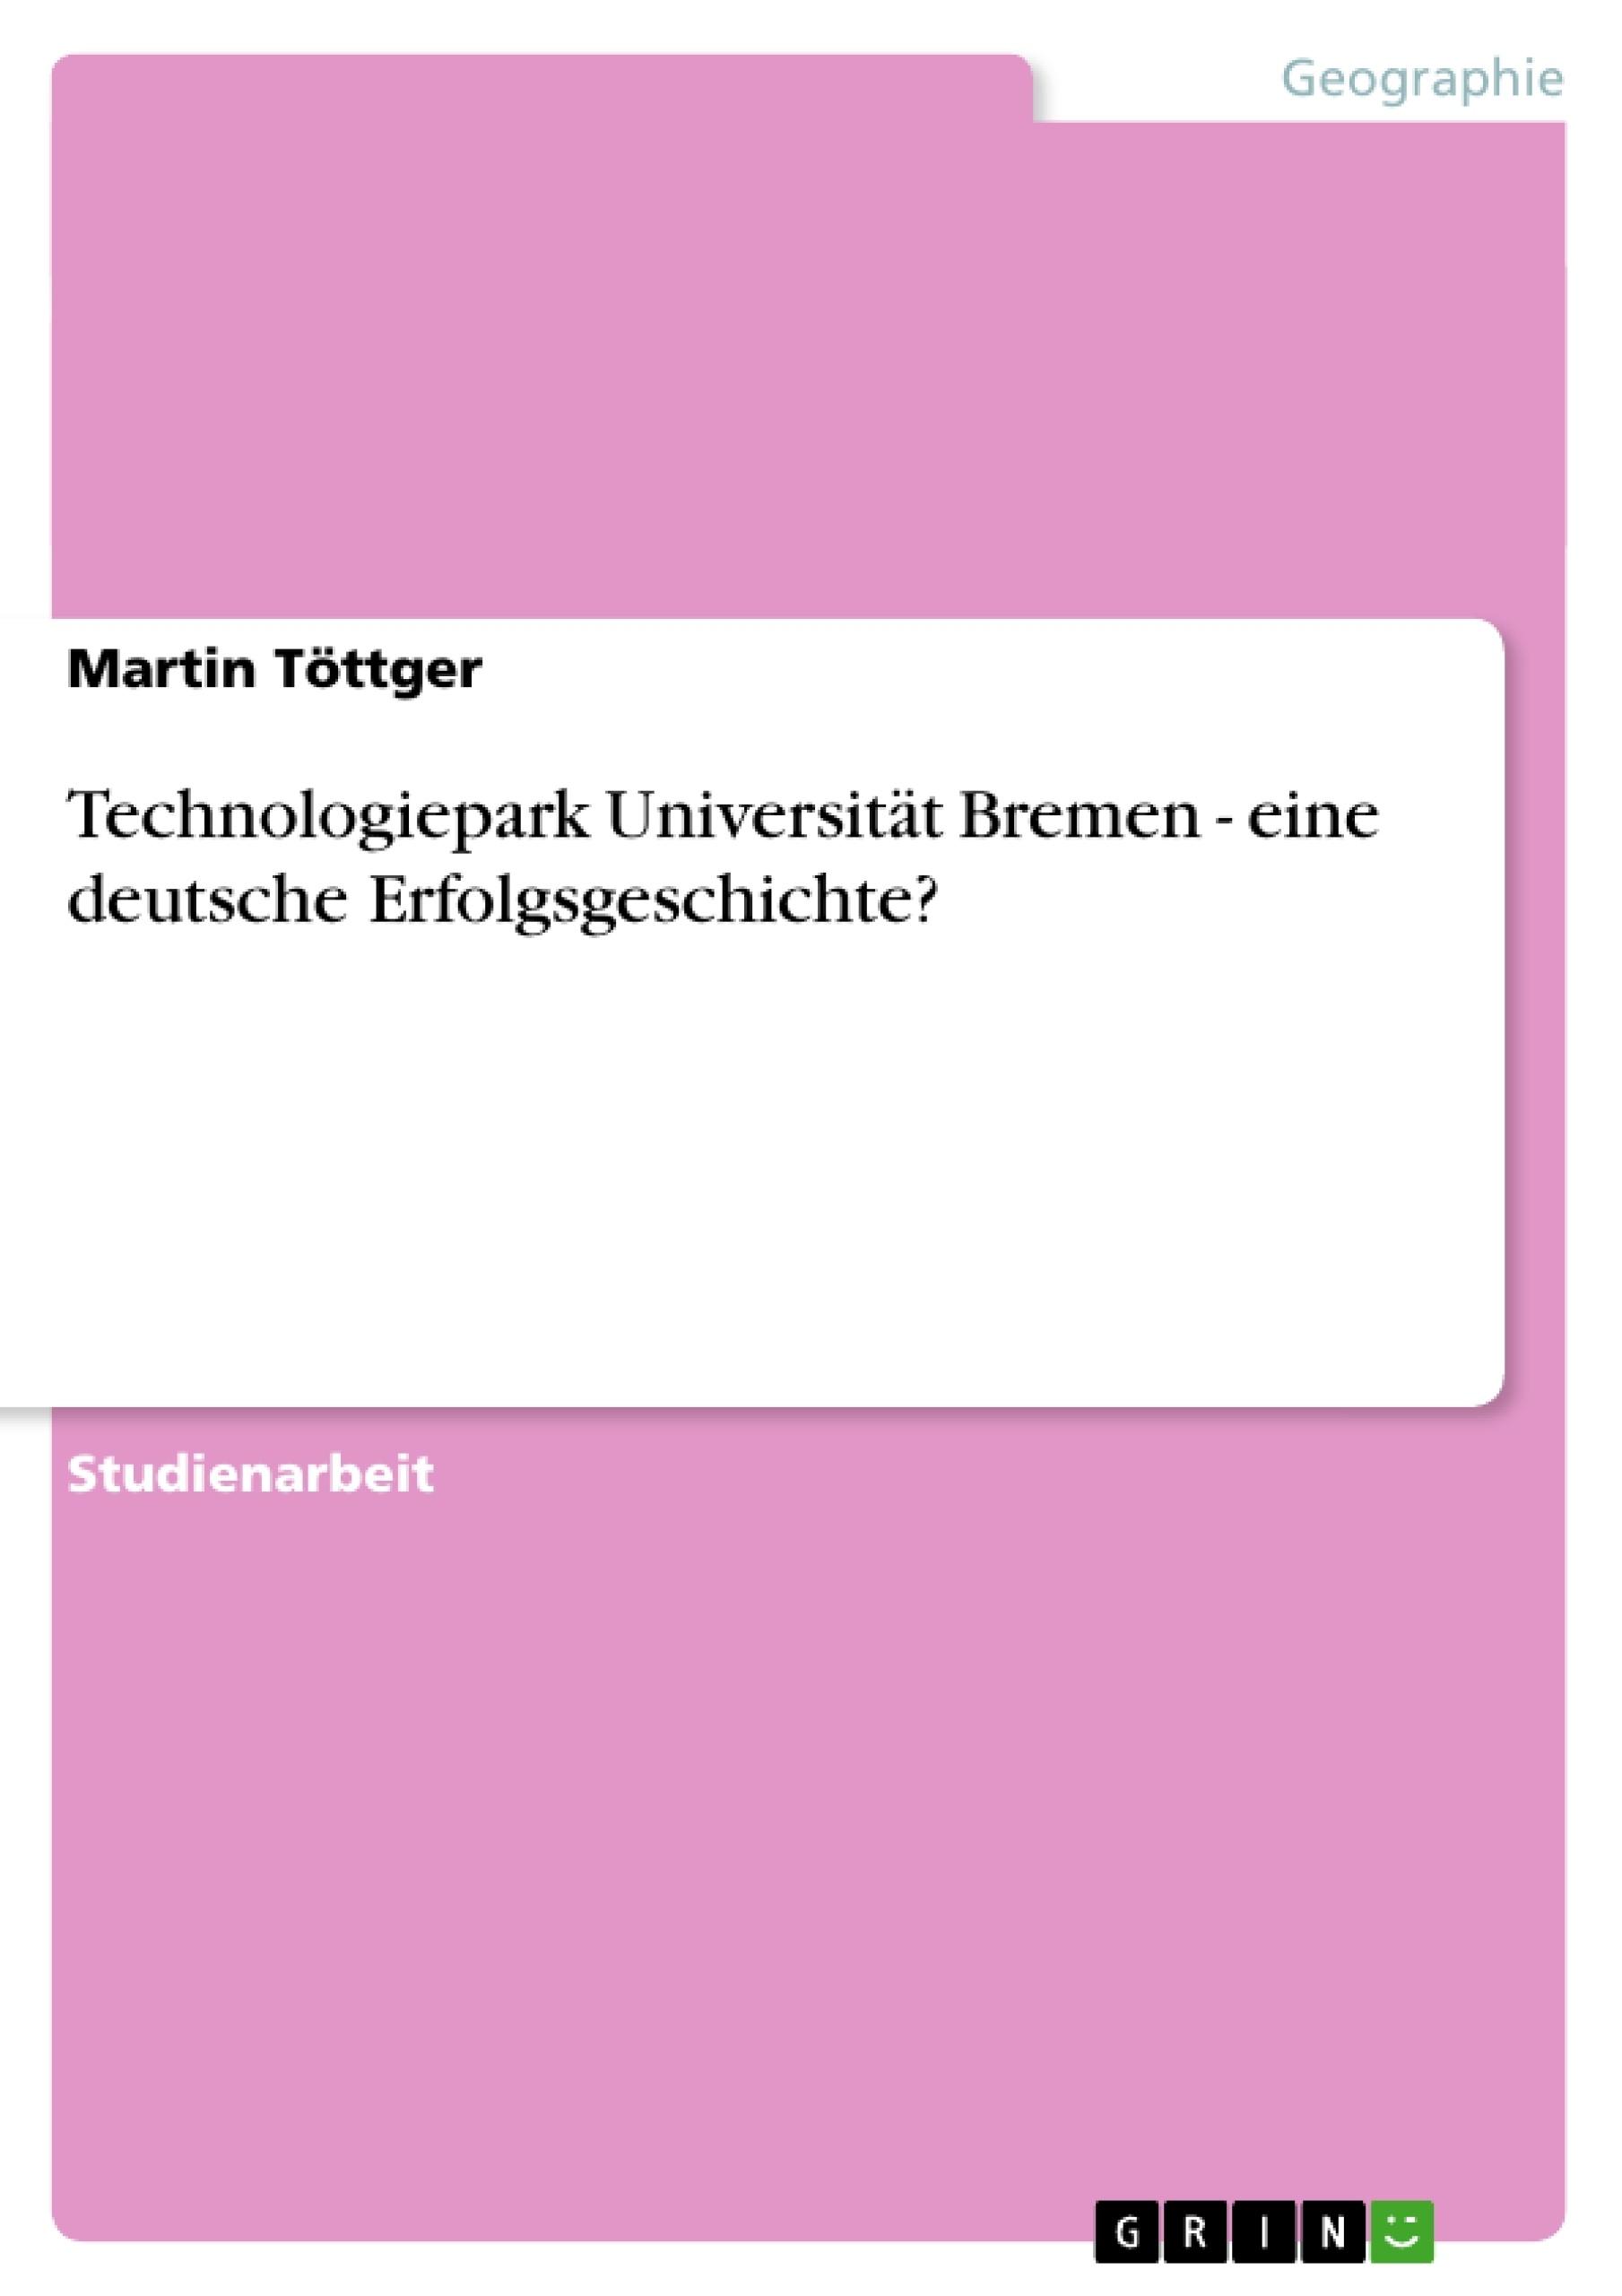 Titel: Technologiepark Universität Bremen - eine deutsche Erfolgsgeschichte?